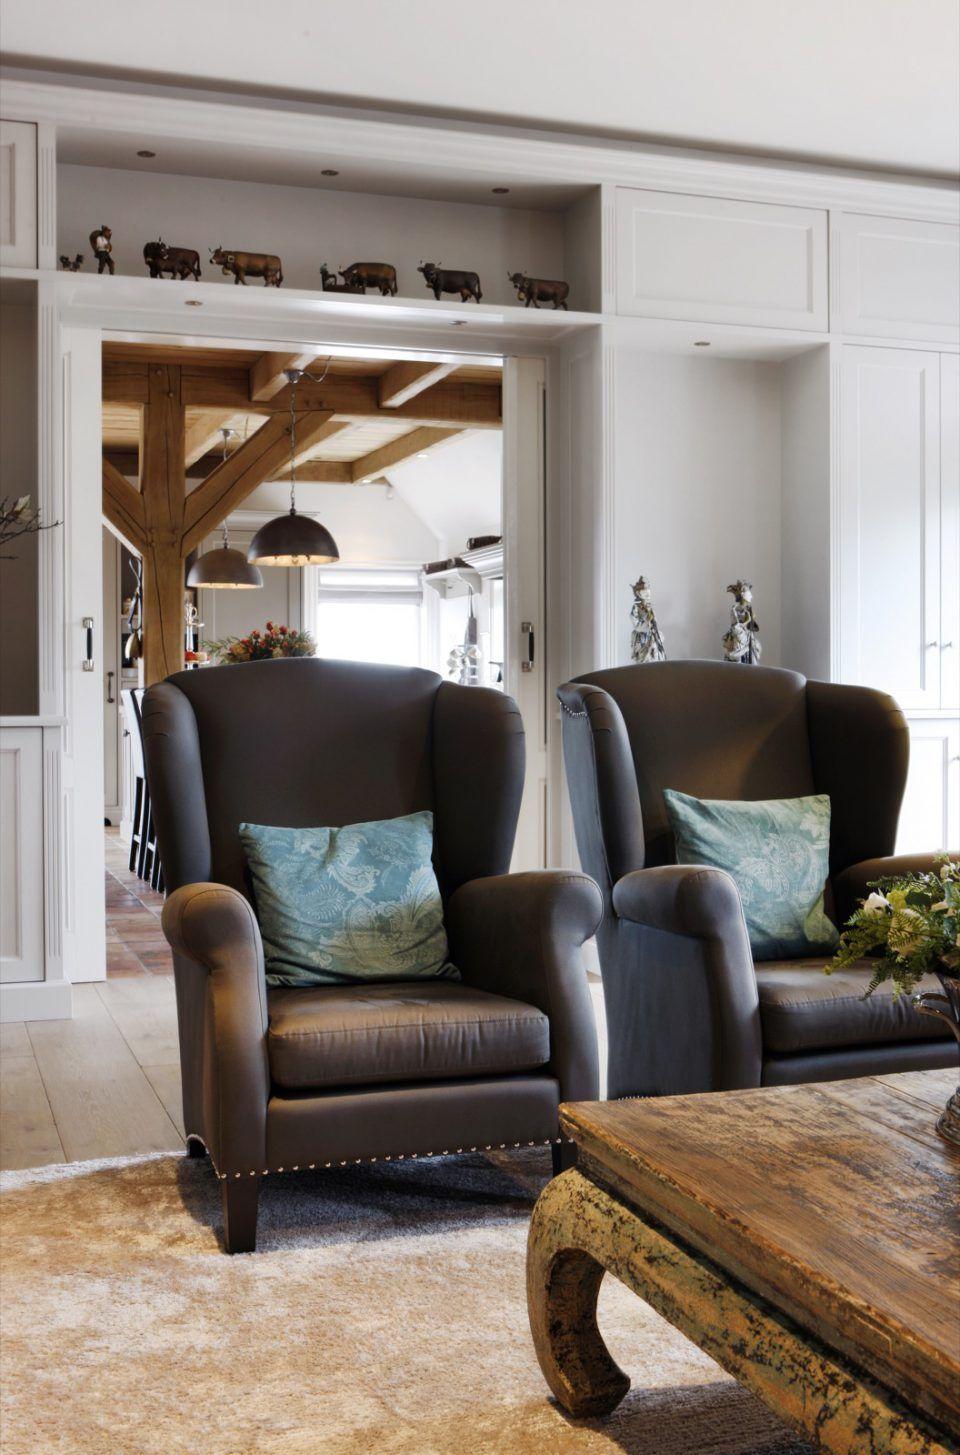 Design fauteuils in landelijk interieur | woonkamer ideeën ...